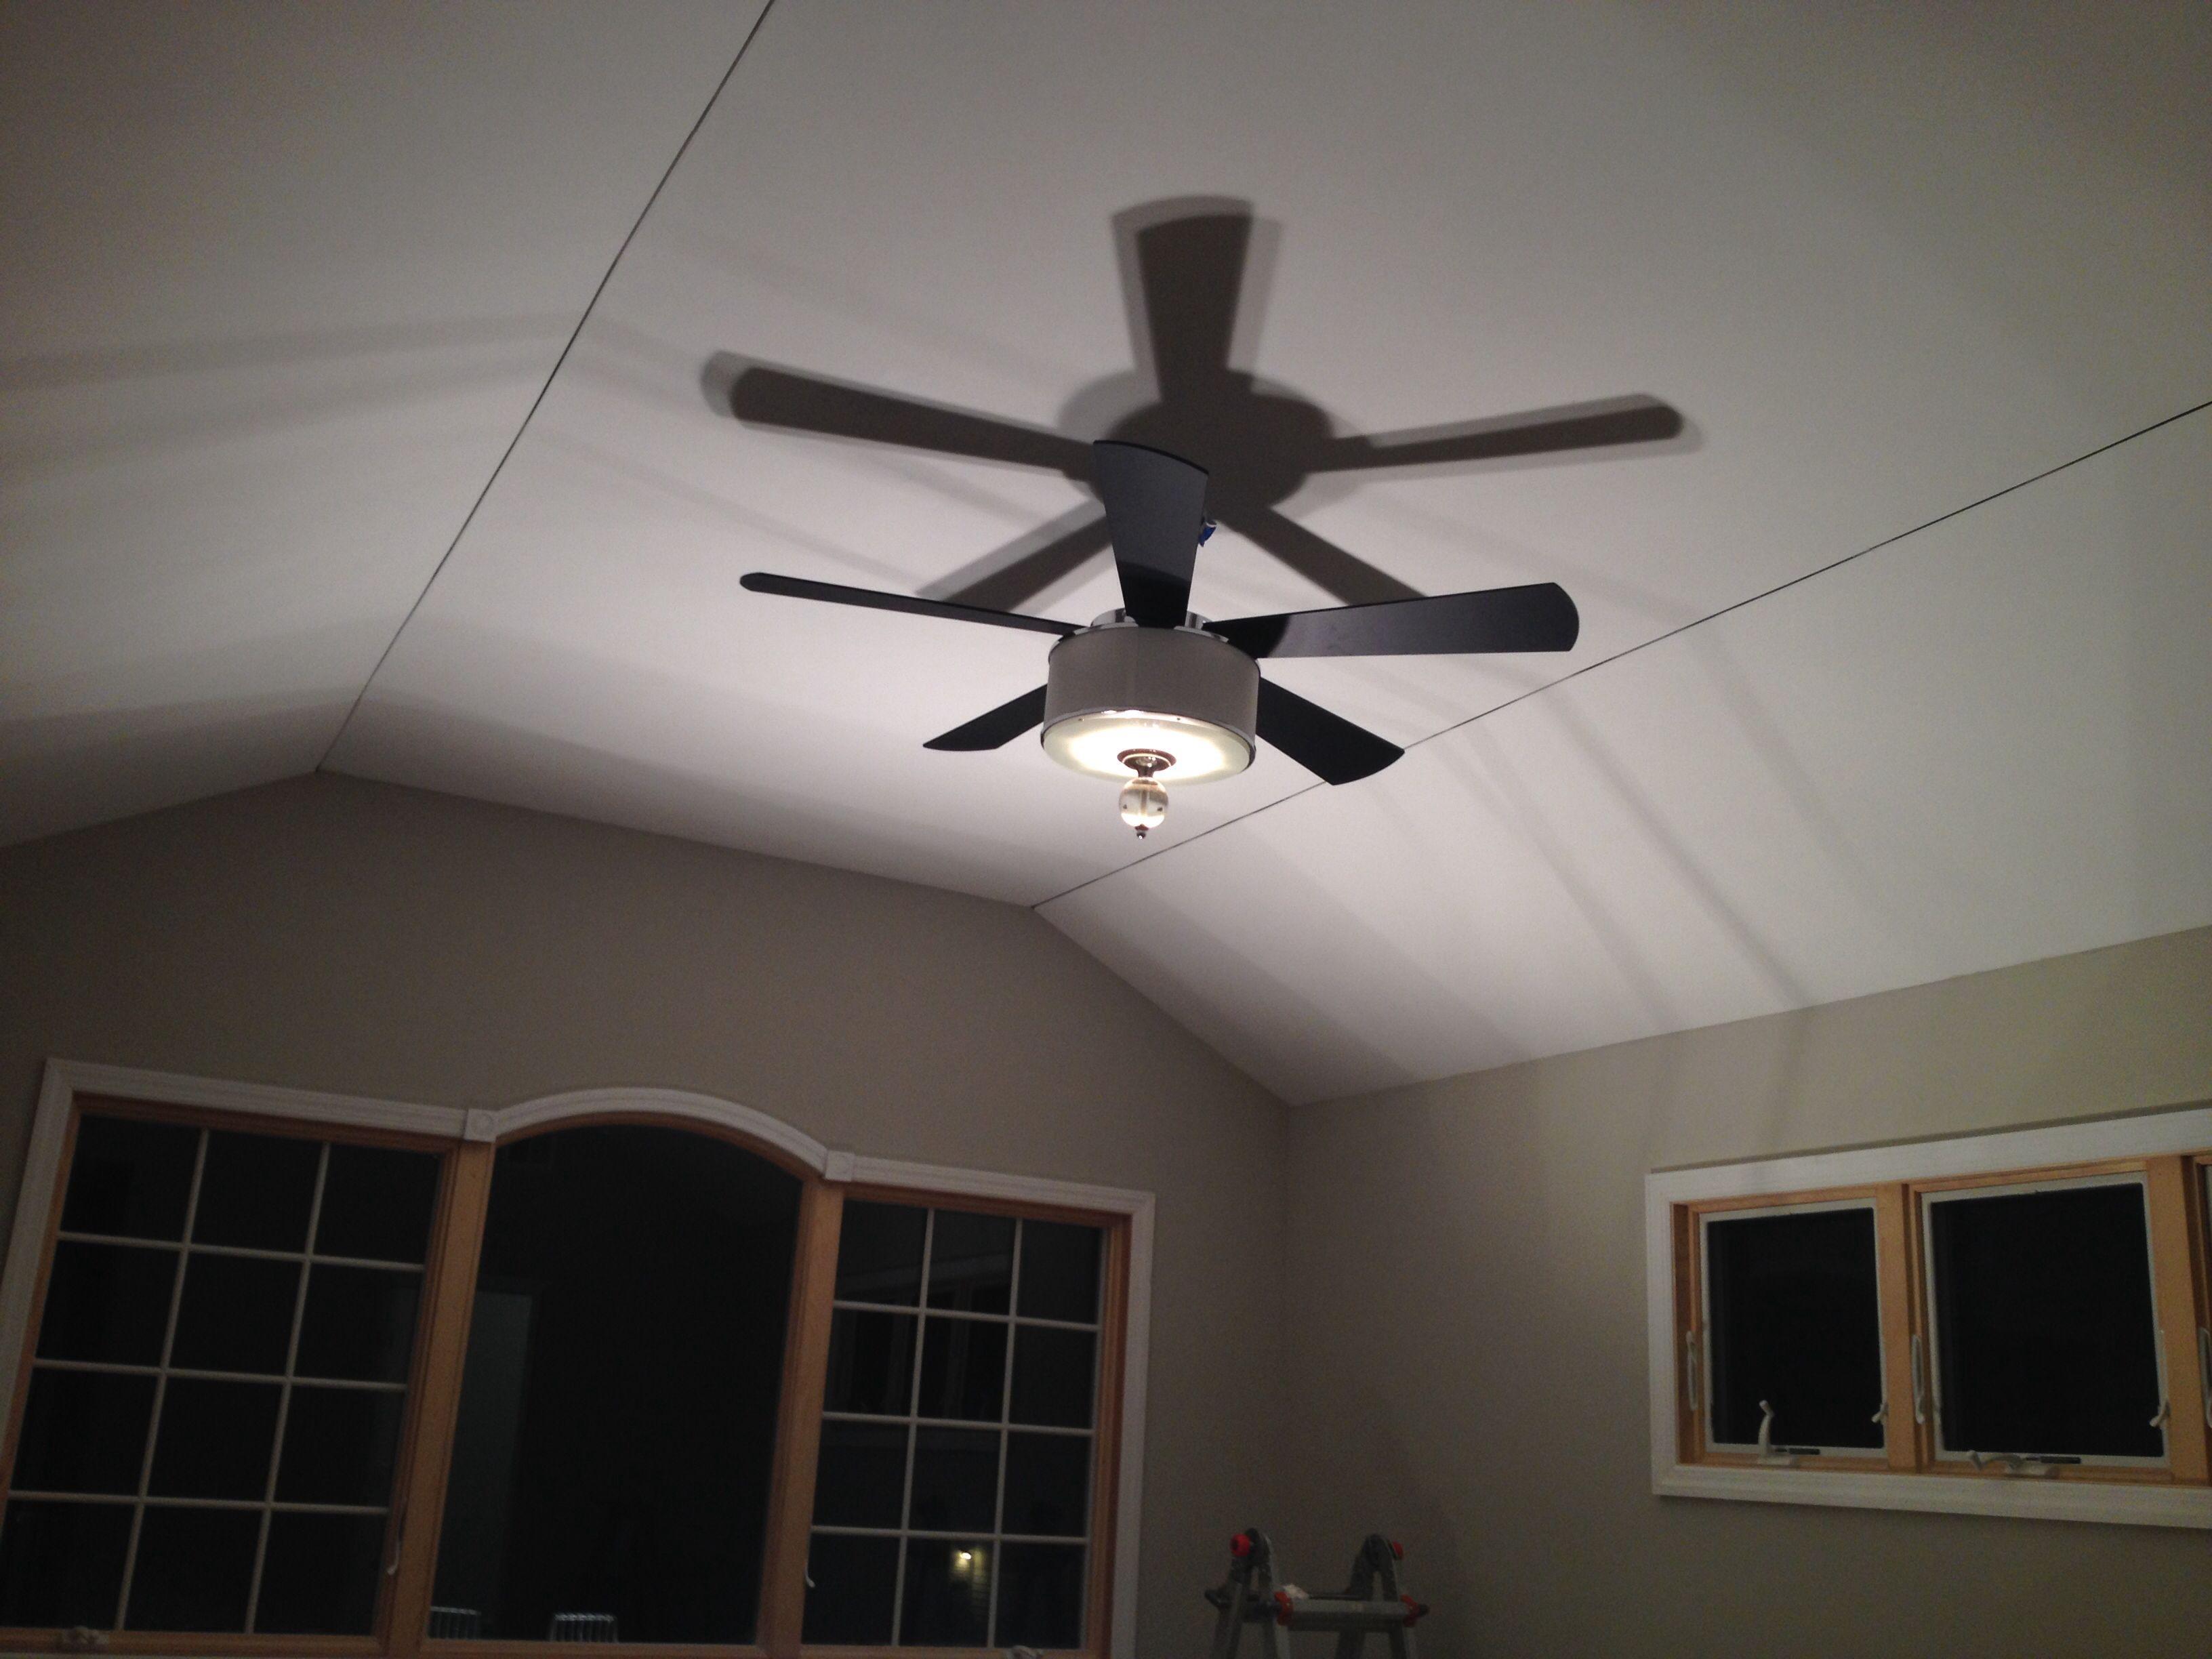 Lowes Fan. Love it!!!! Gives off zero light but it looks